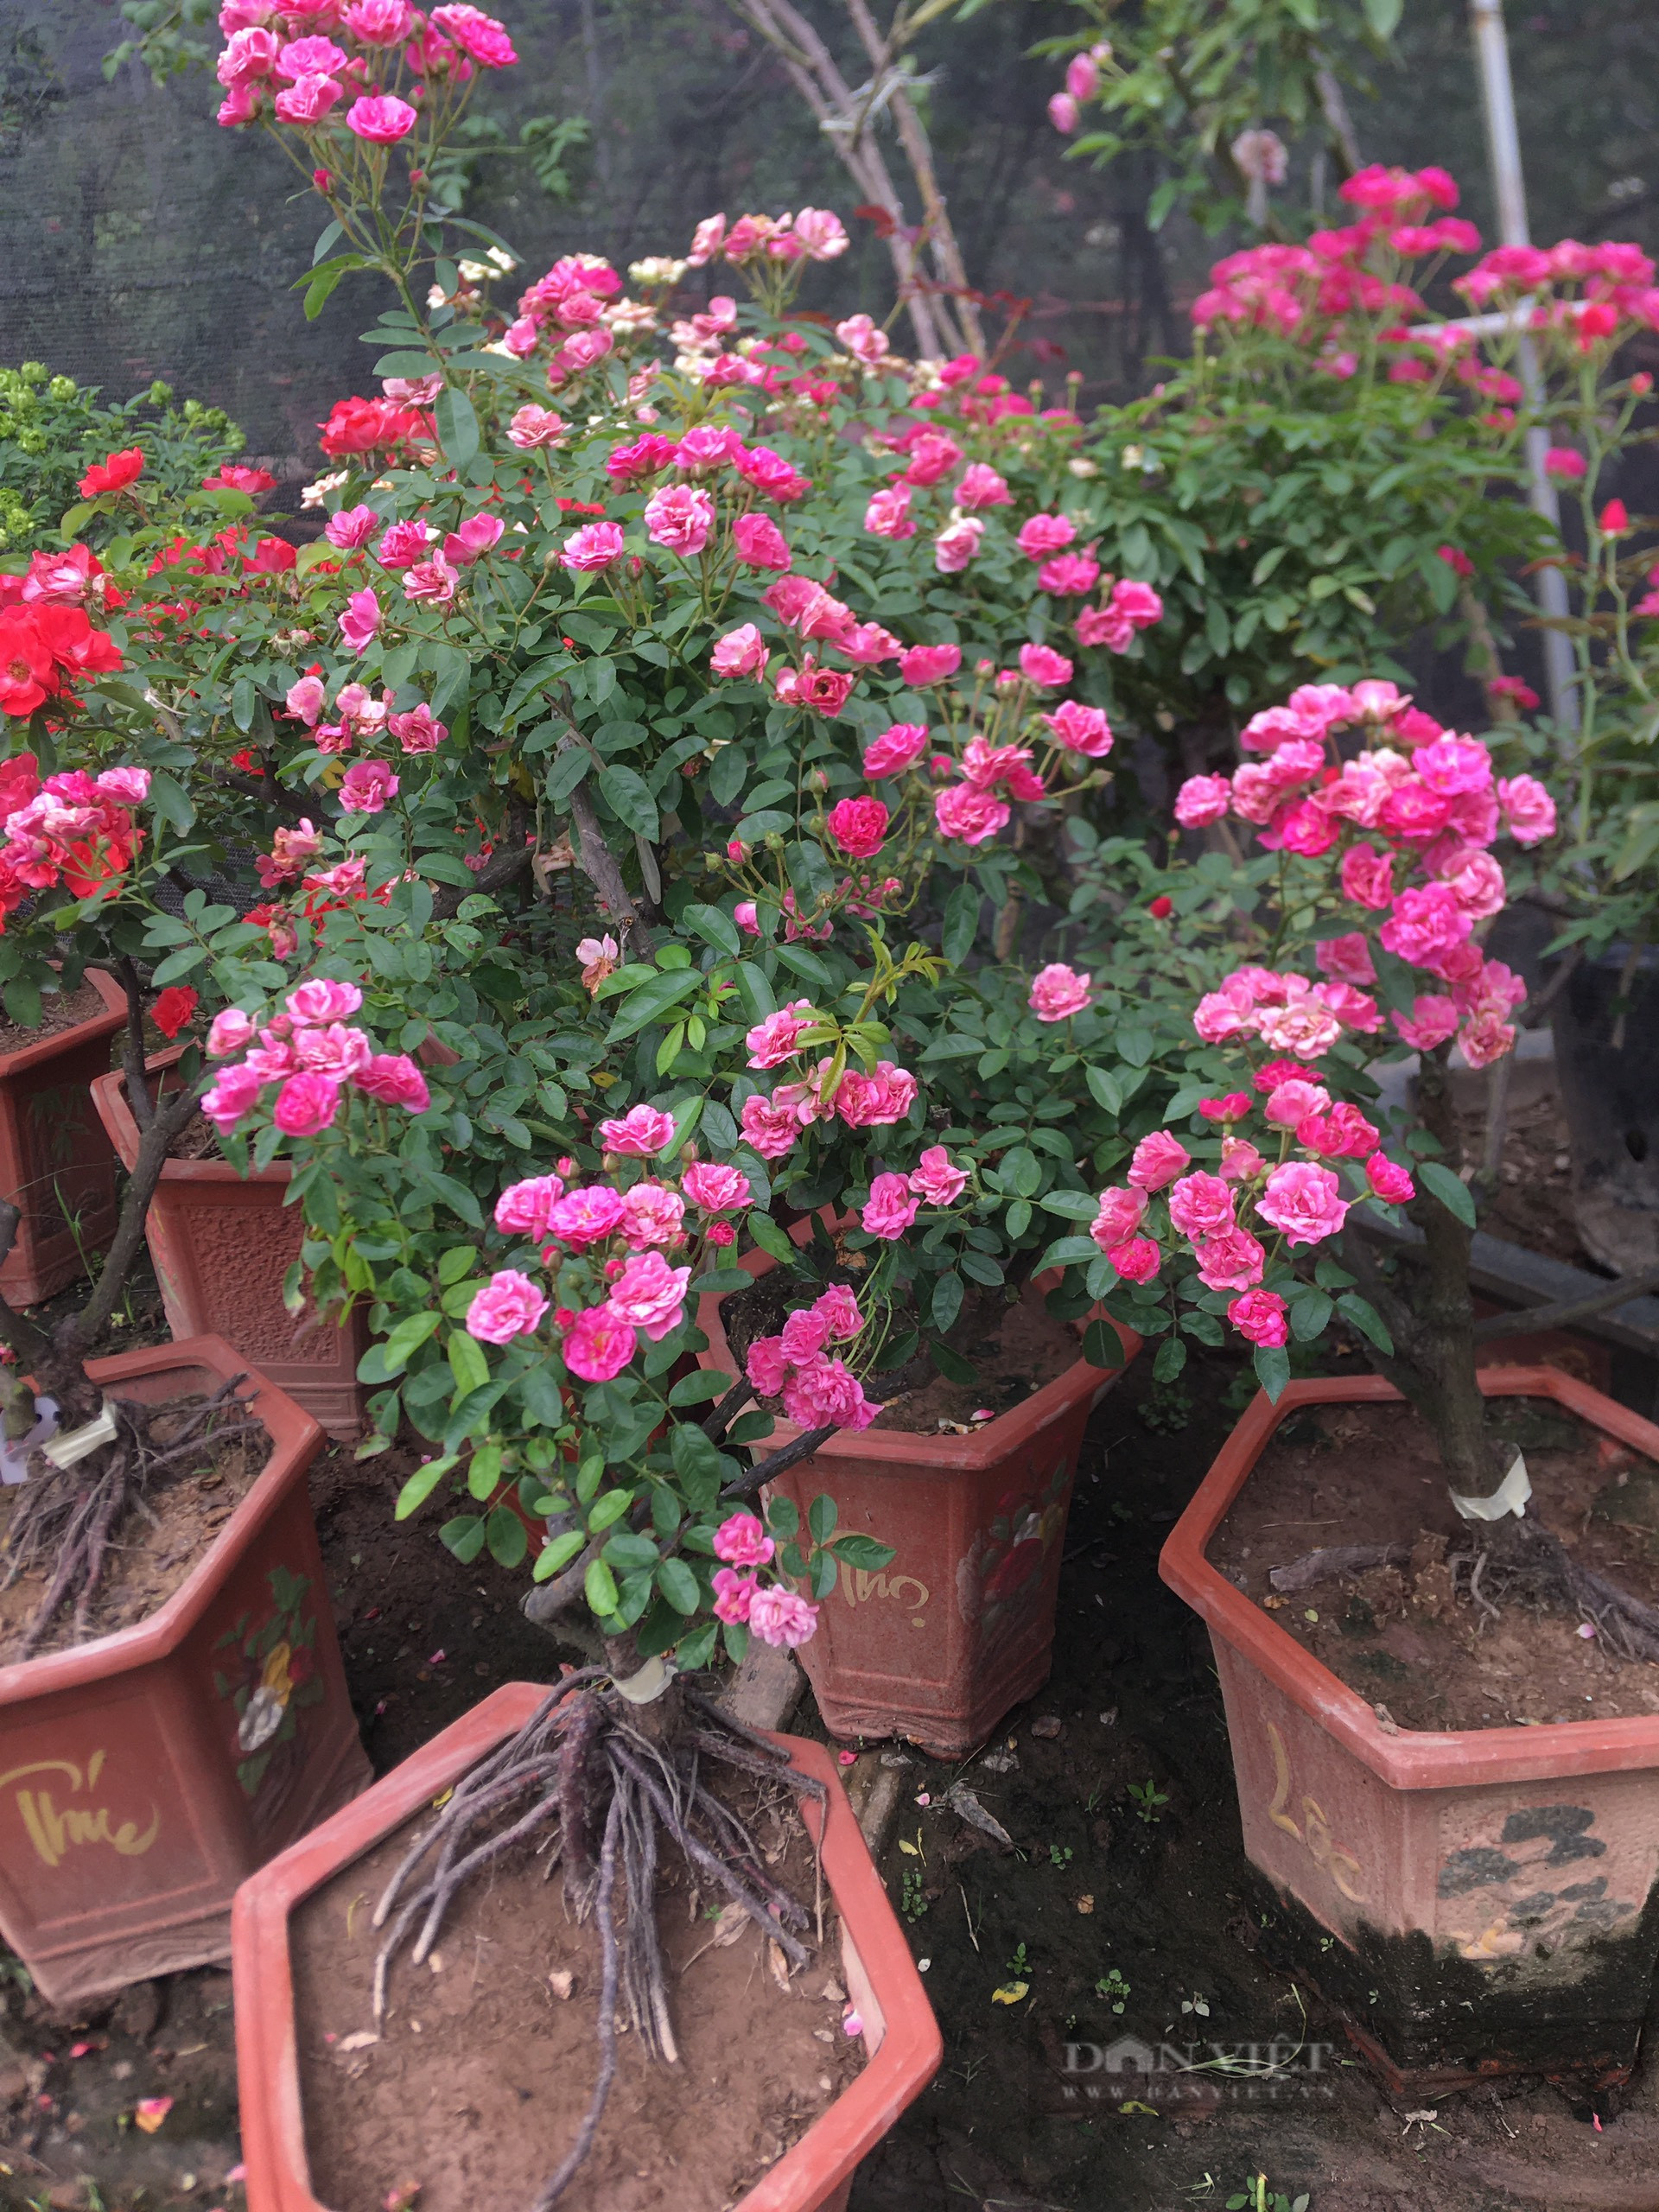 Thanh niên Mê Linh và ước mơ biến Hà Nội thành rừng hồng rực rỡ - Ảnh 6.